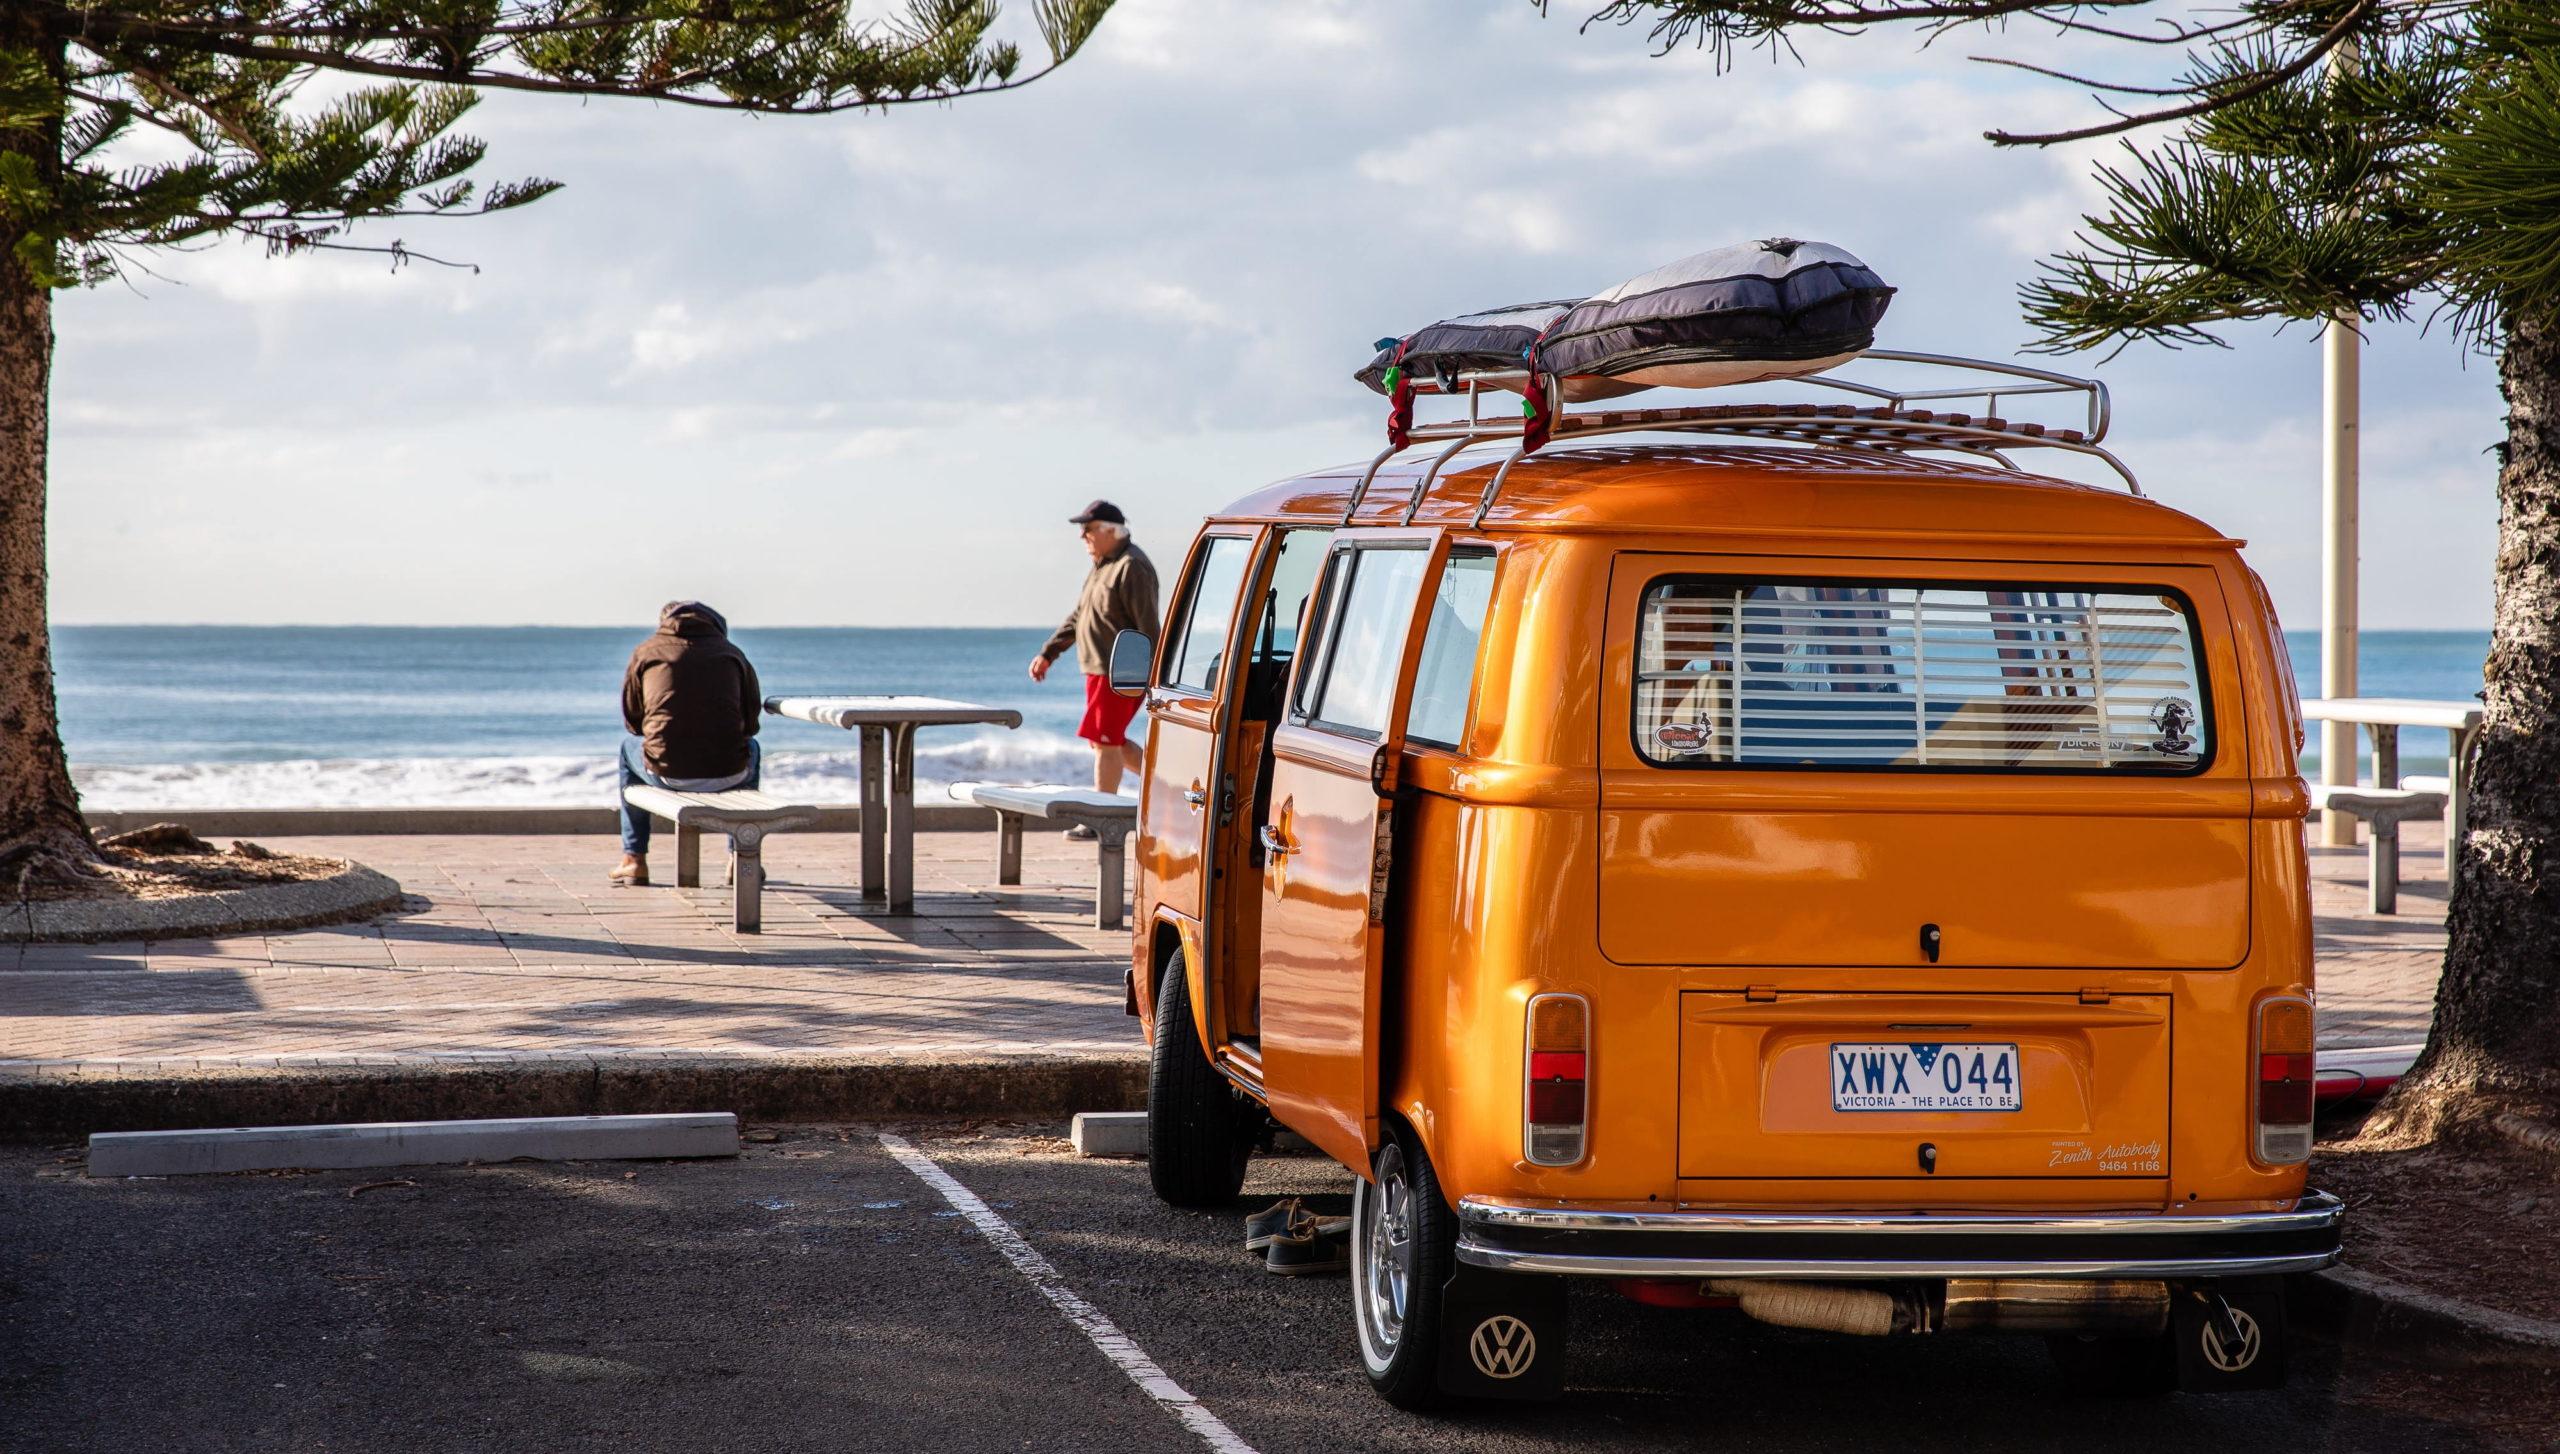 Van on Australian coast